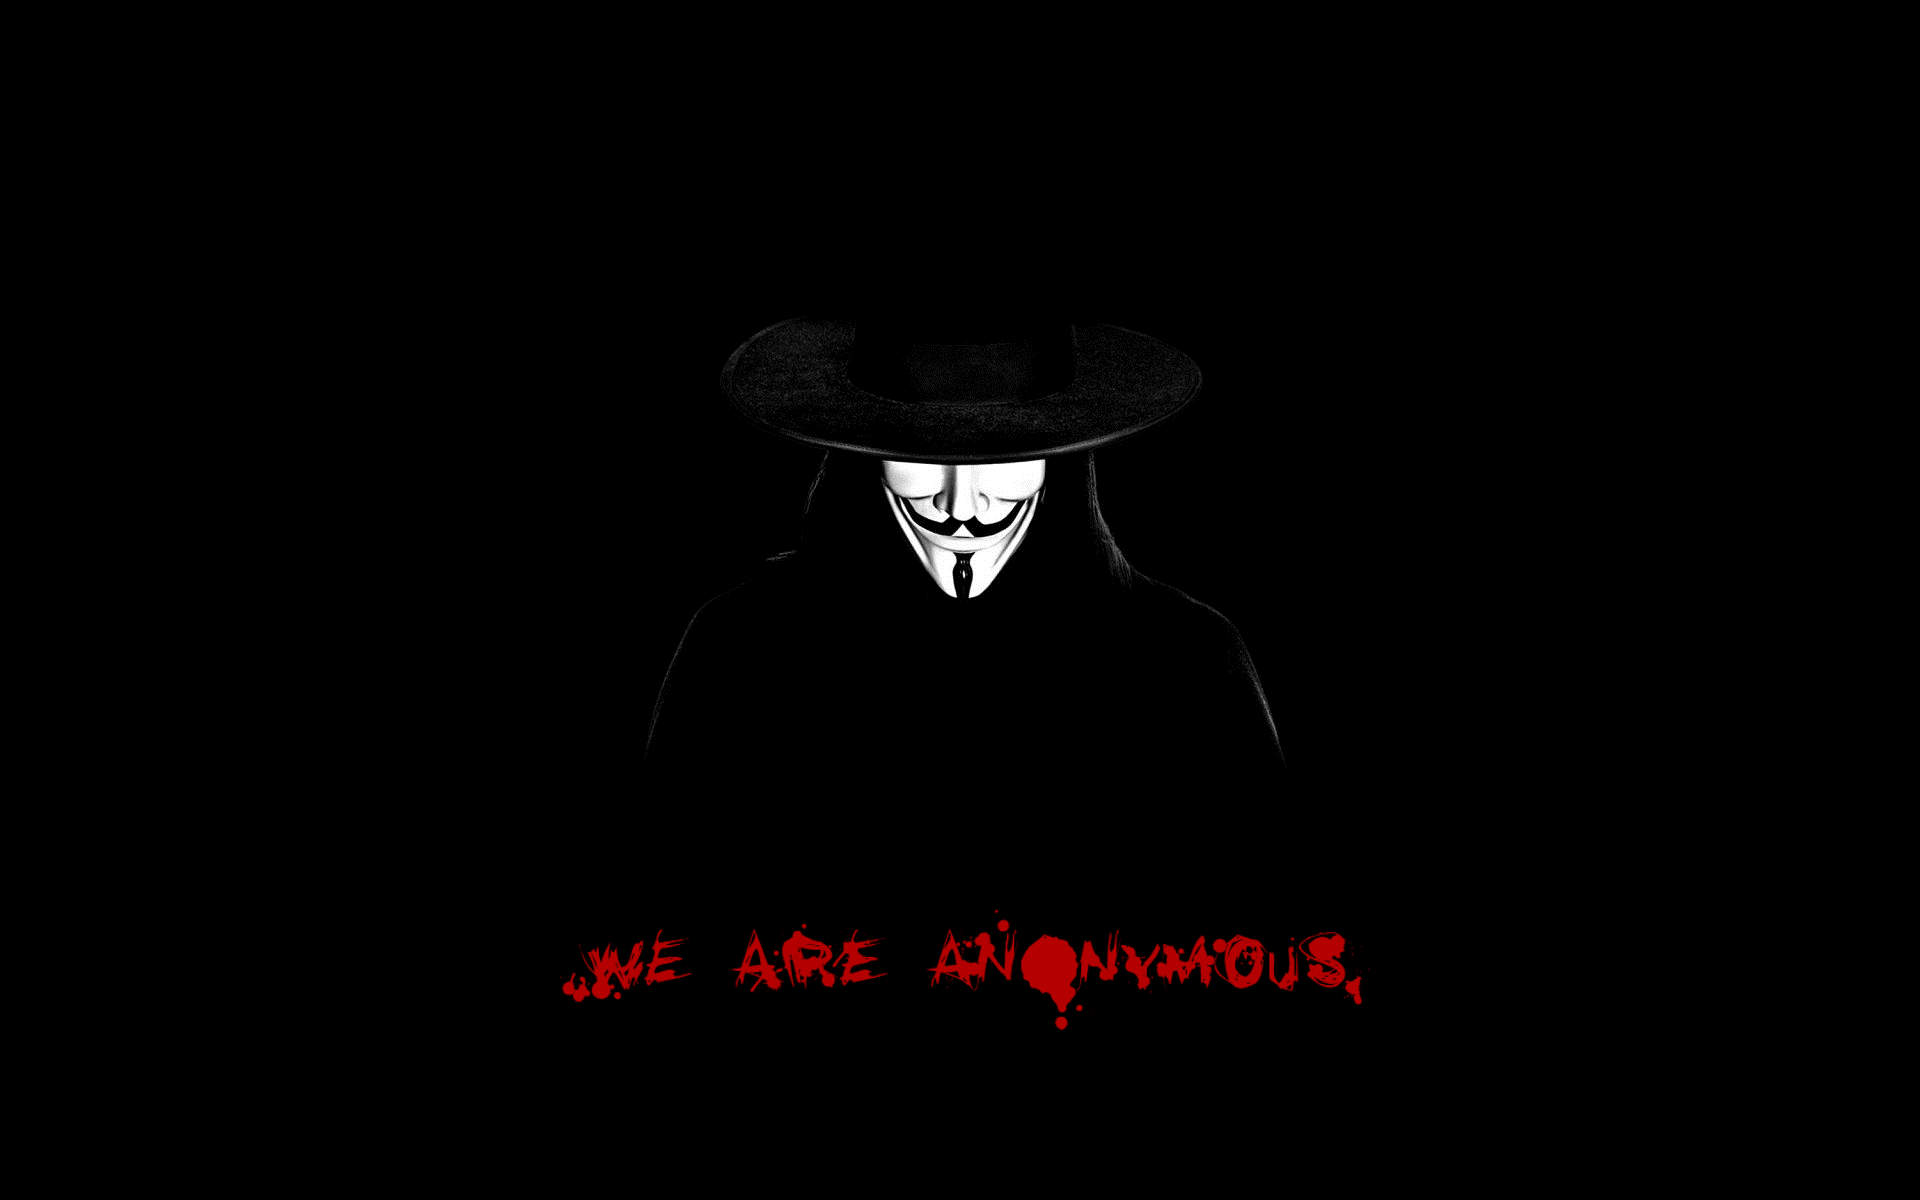 V Vendetta Wallpapers 86 1920x1200